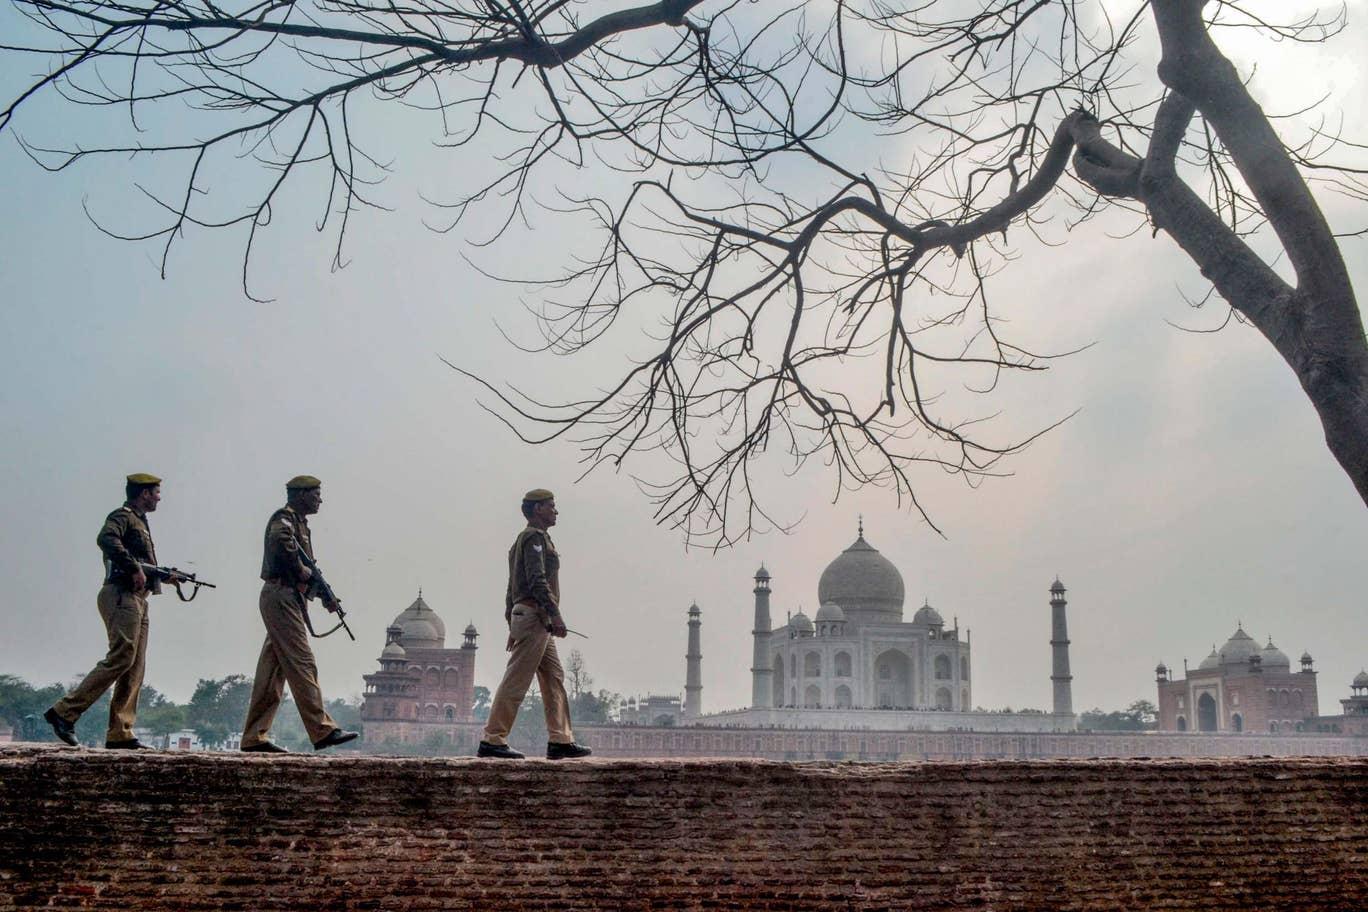 正在巡逻的印度警察(图源:自力报)